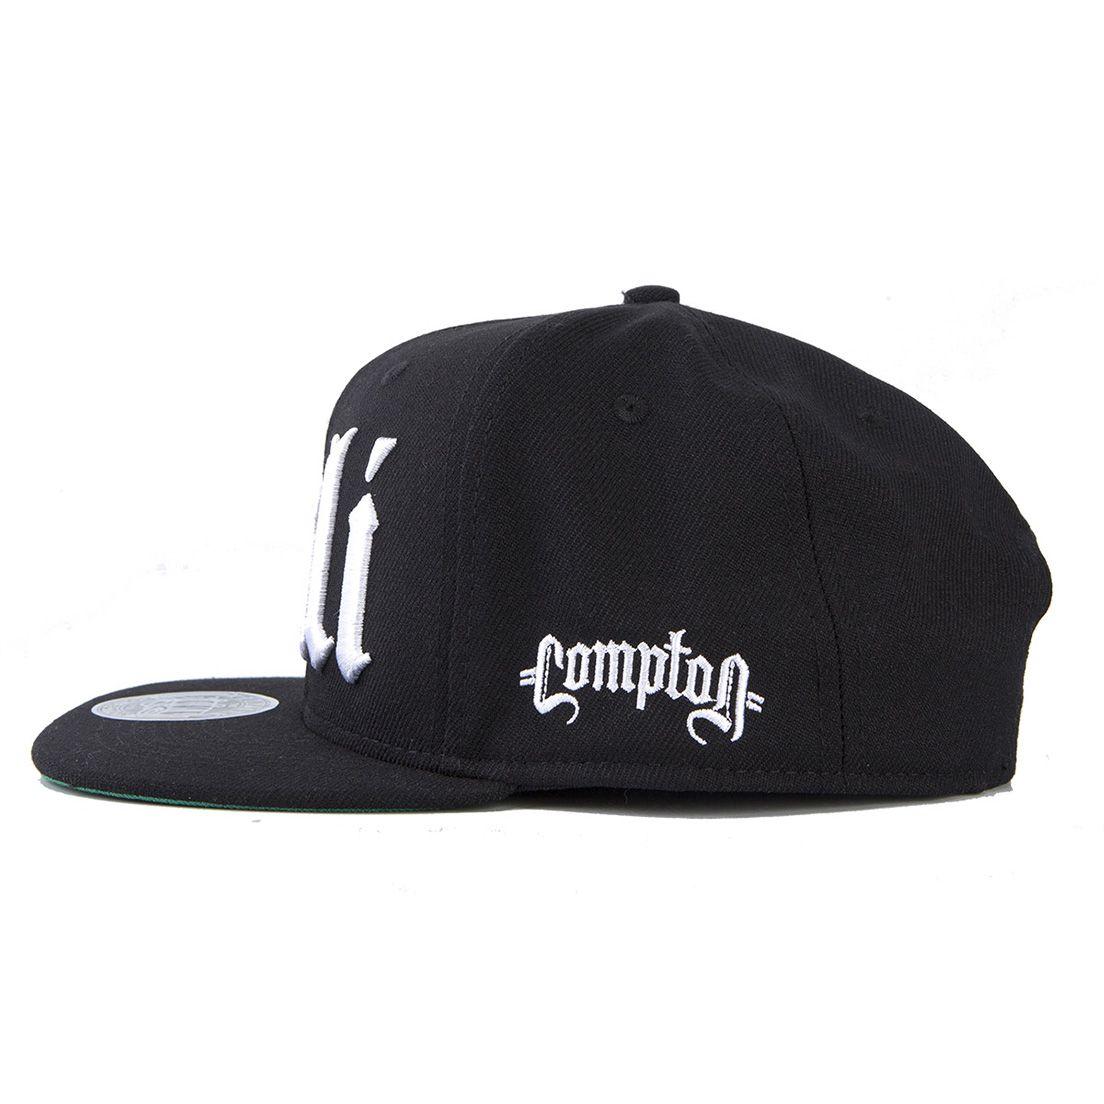 Boné Aba Reta Snapback Cali Preto Compton